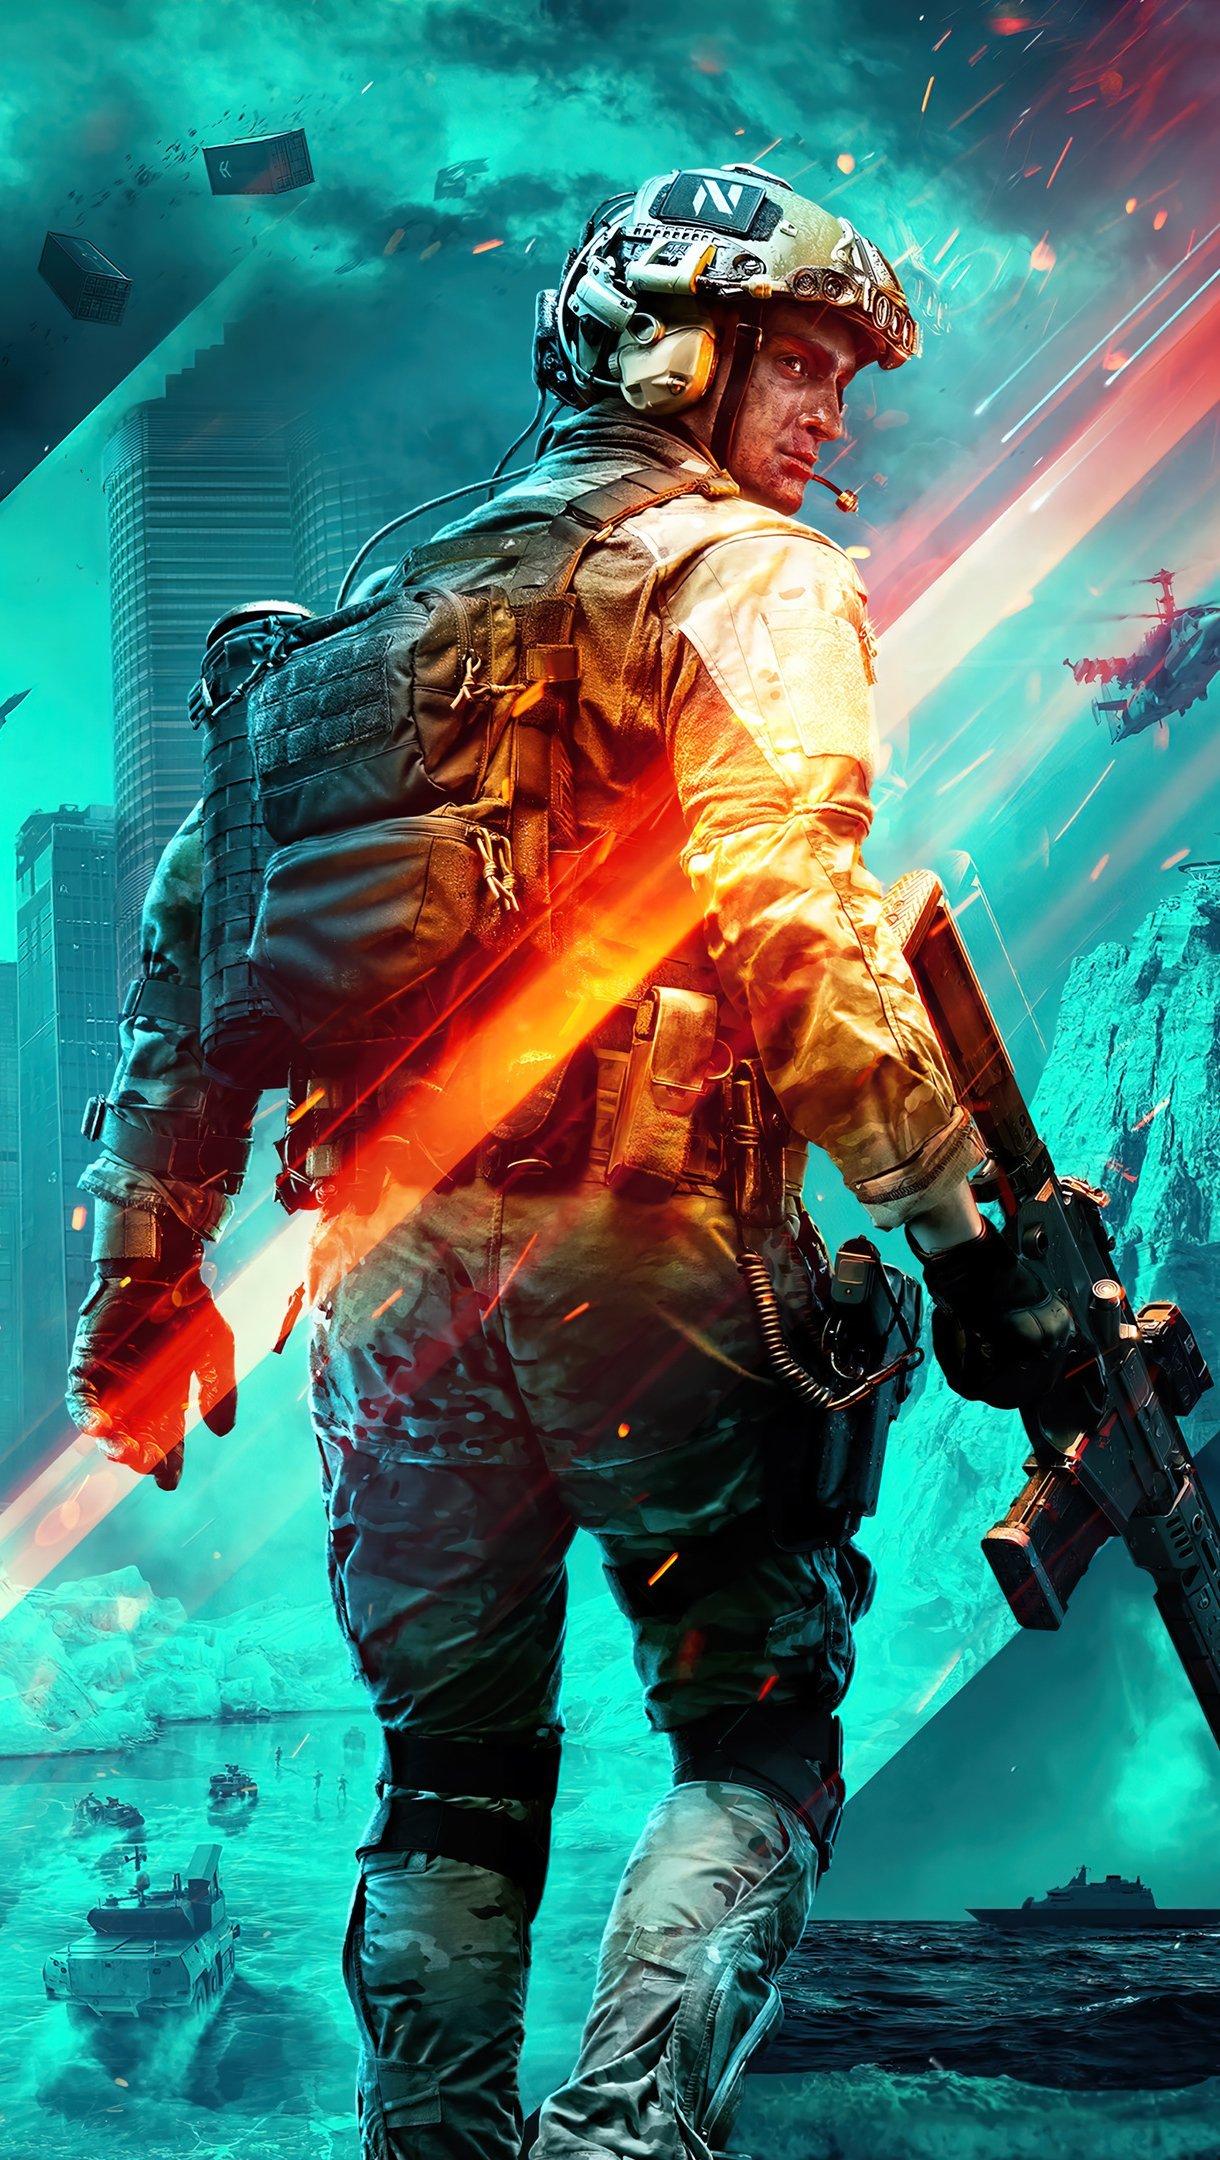 Wallpaper Soldier from Battlefield 2042 Vertical